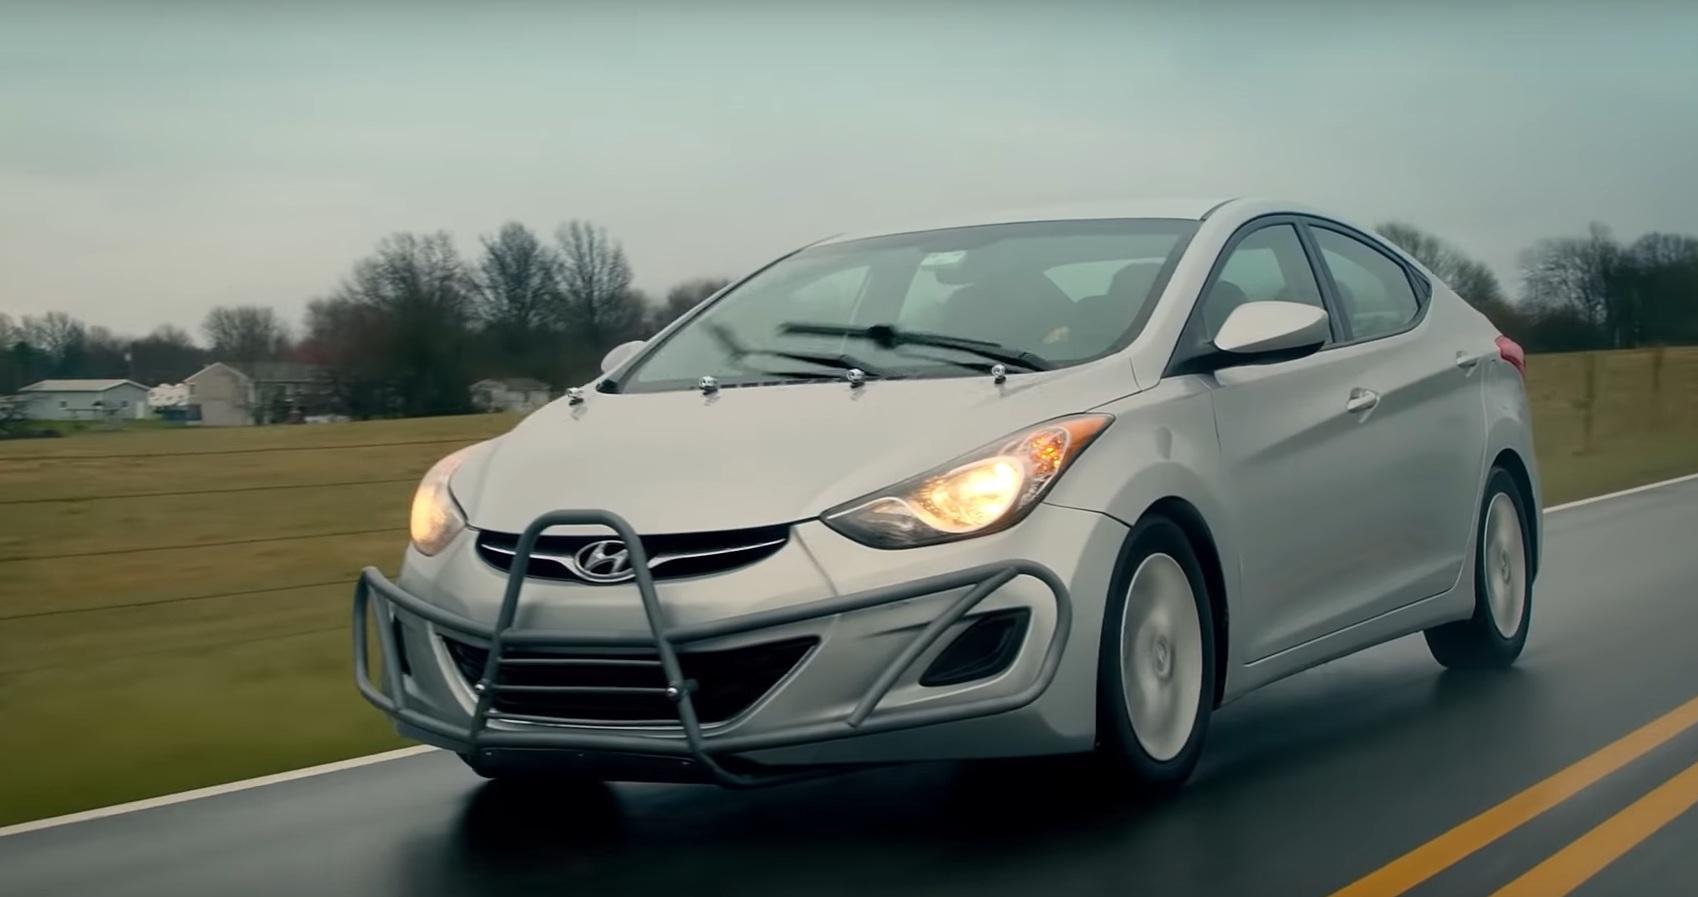 Обнаружен Hyundai Elantra 2013 года с пробегом под 2 миллиона км